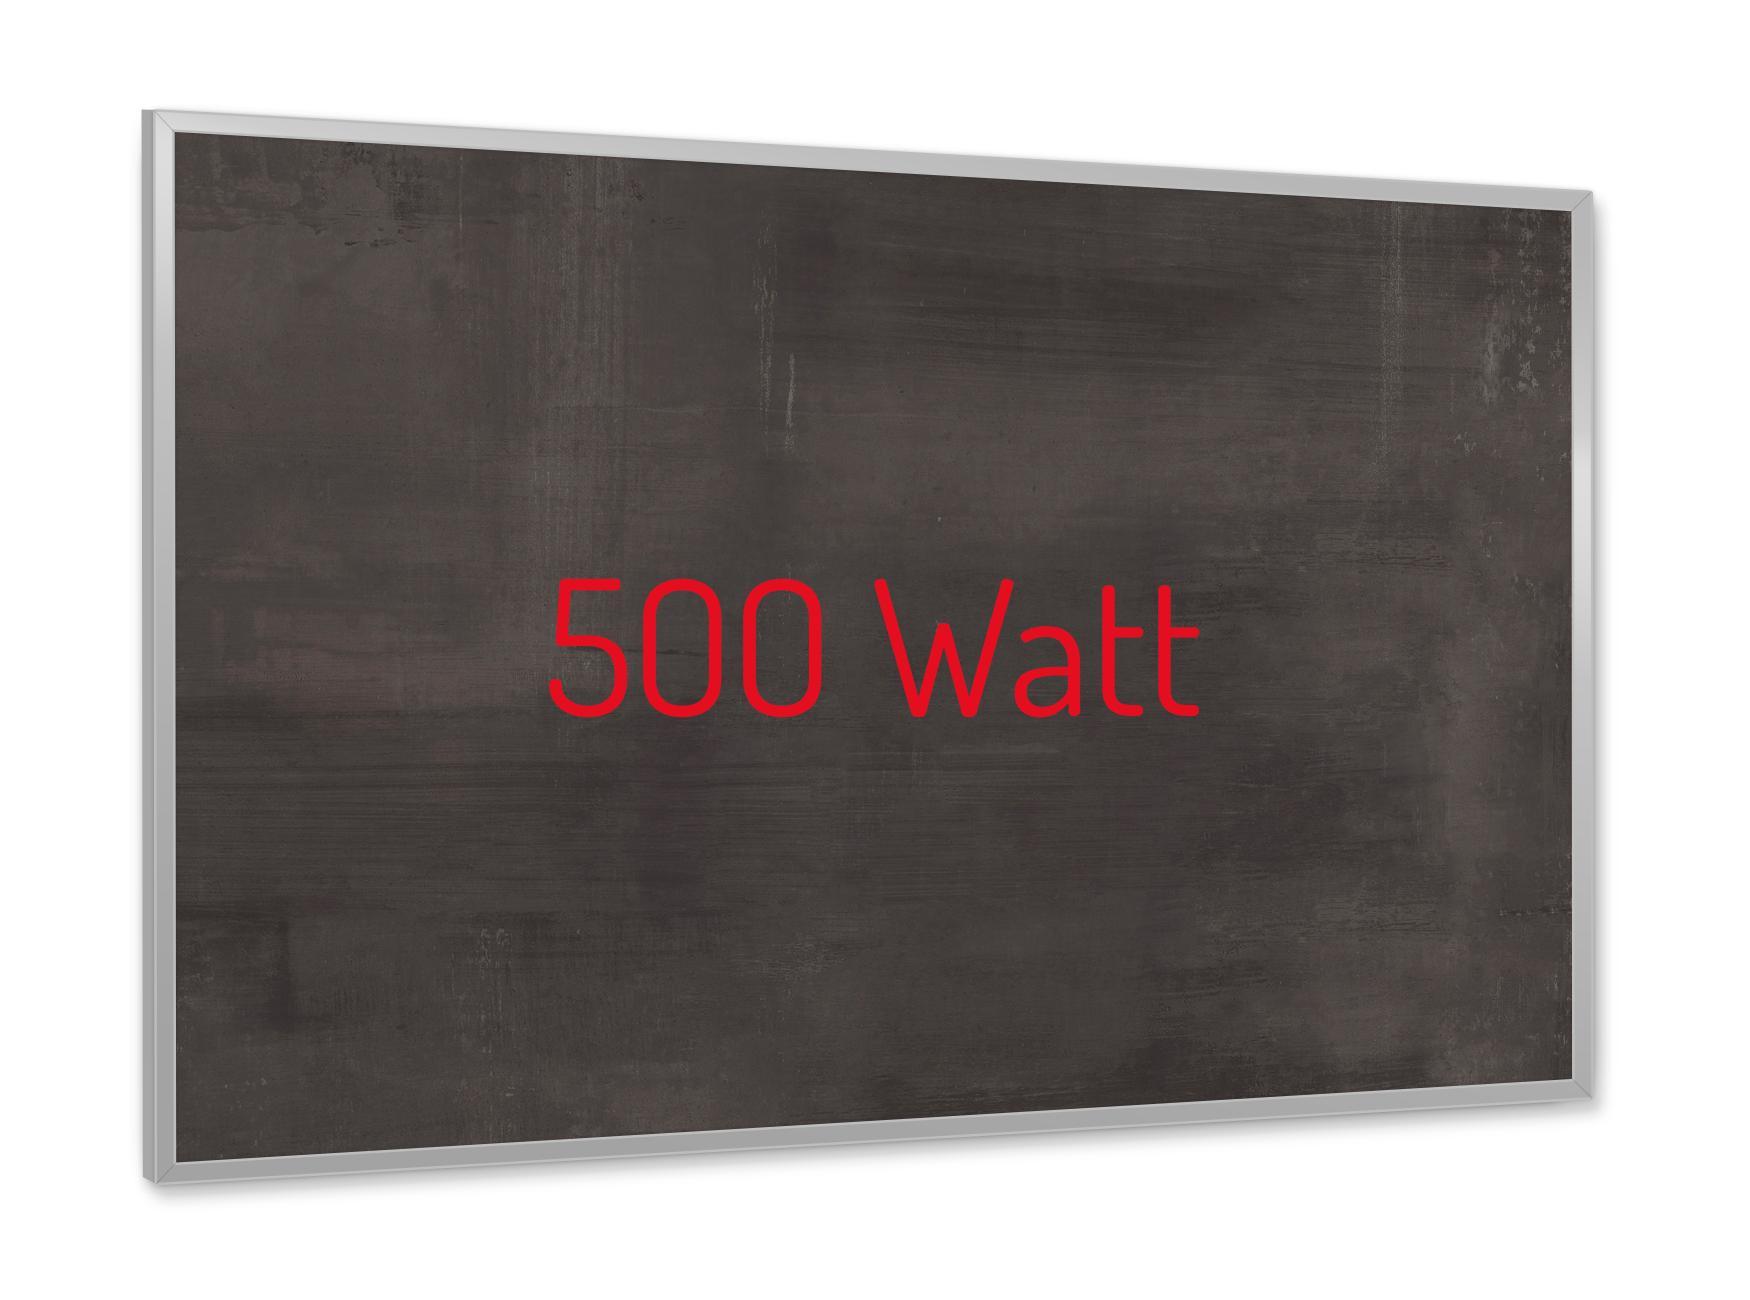 PowerSun Keramik Struktur NewYork 500 Watt 60x90cm